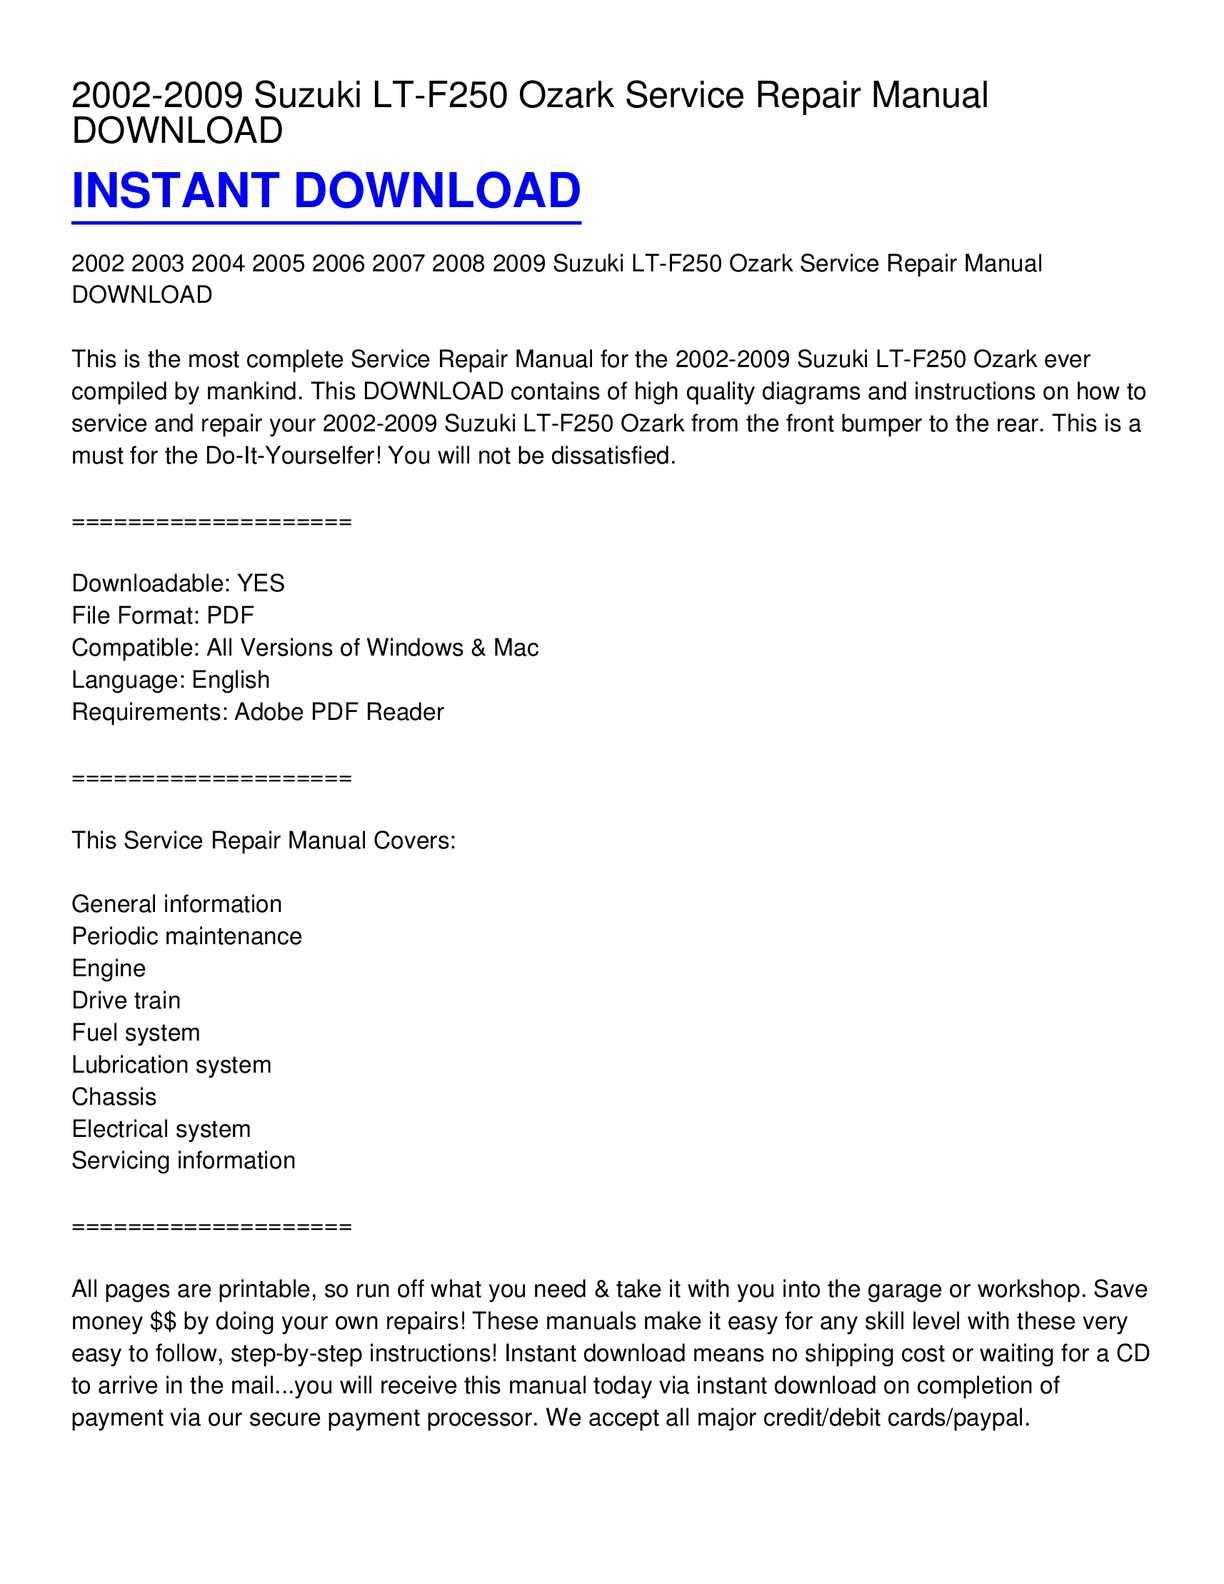 2003 f250 service manual pdf